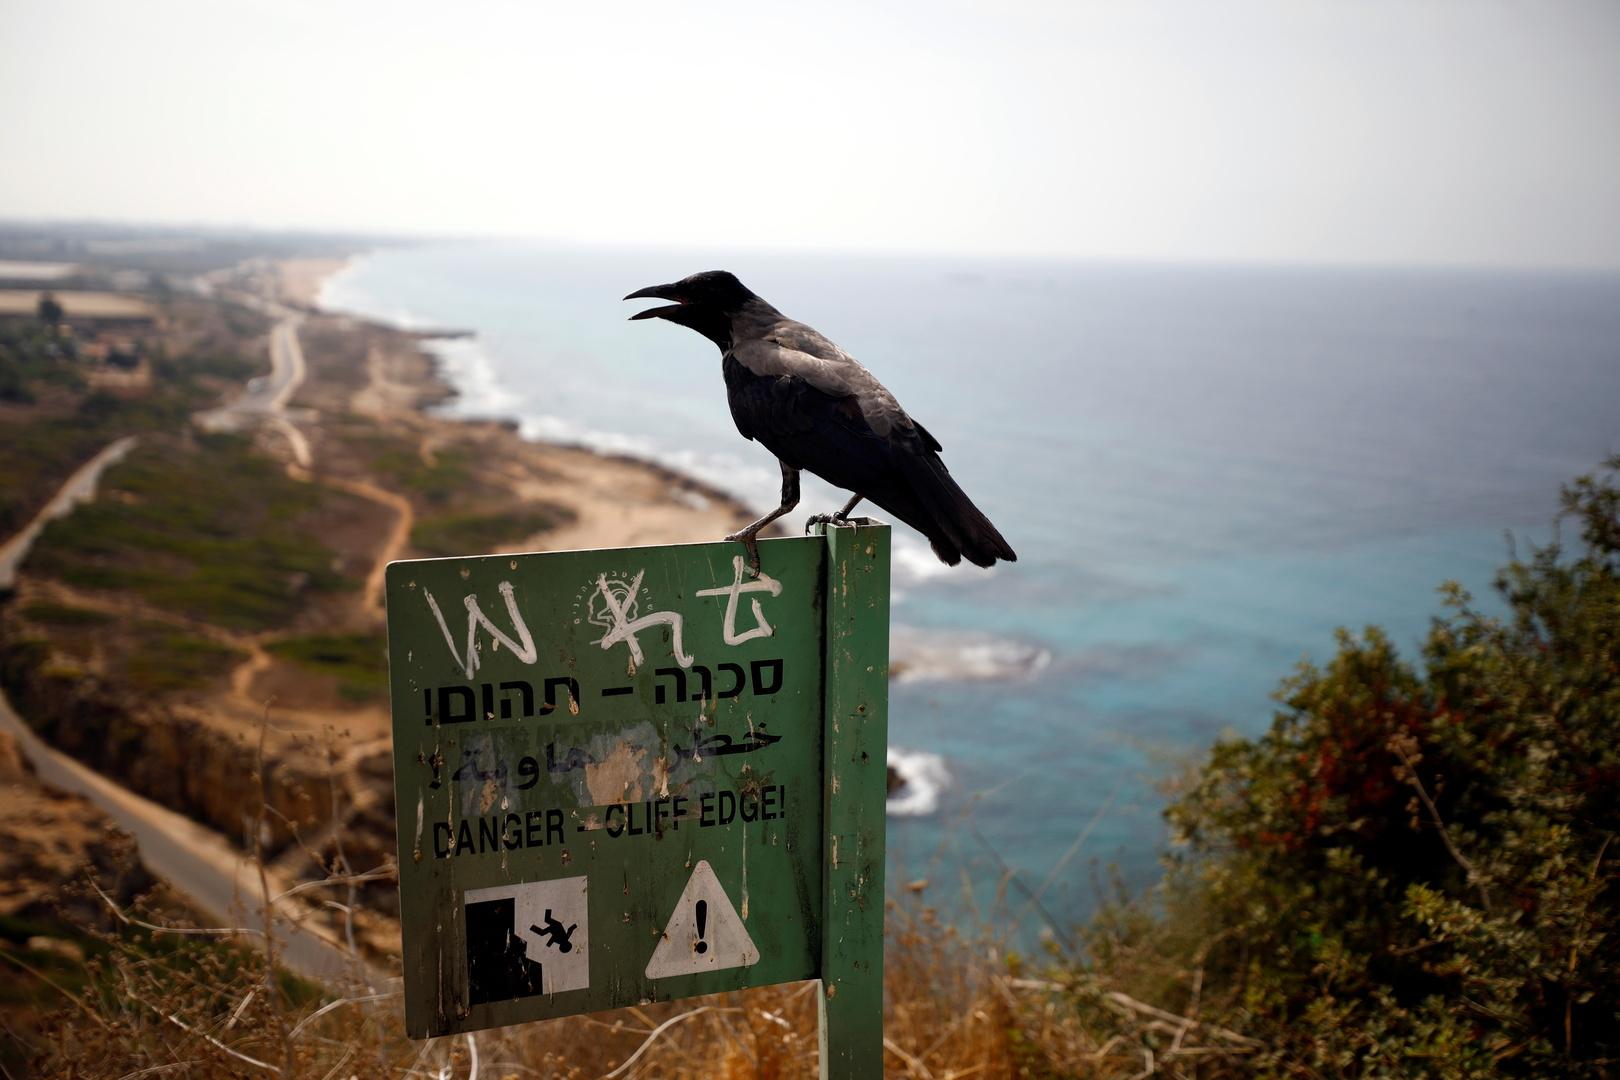 توقعات باستئناف مفاوضات ترسيم الحدود البحرية بين لبنان وإسرائيل الأسبوع القادم